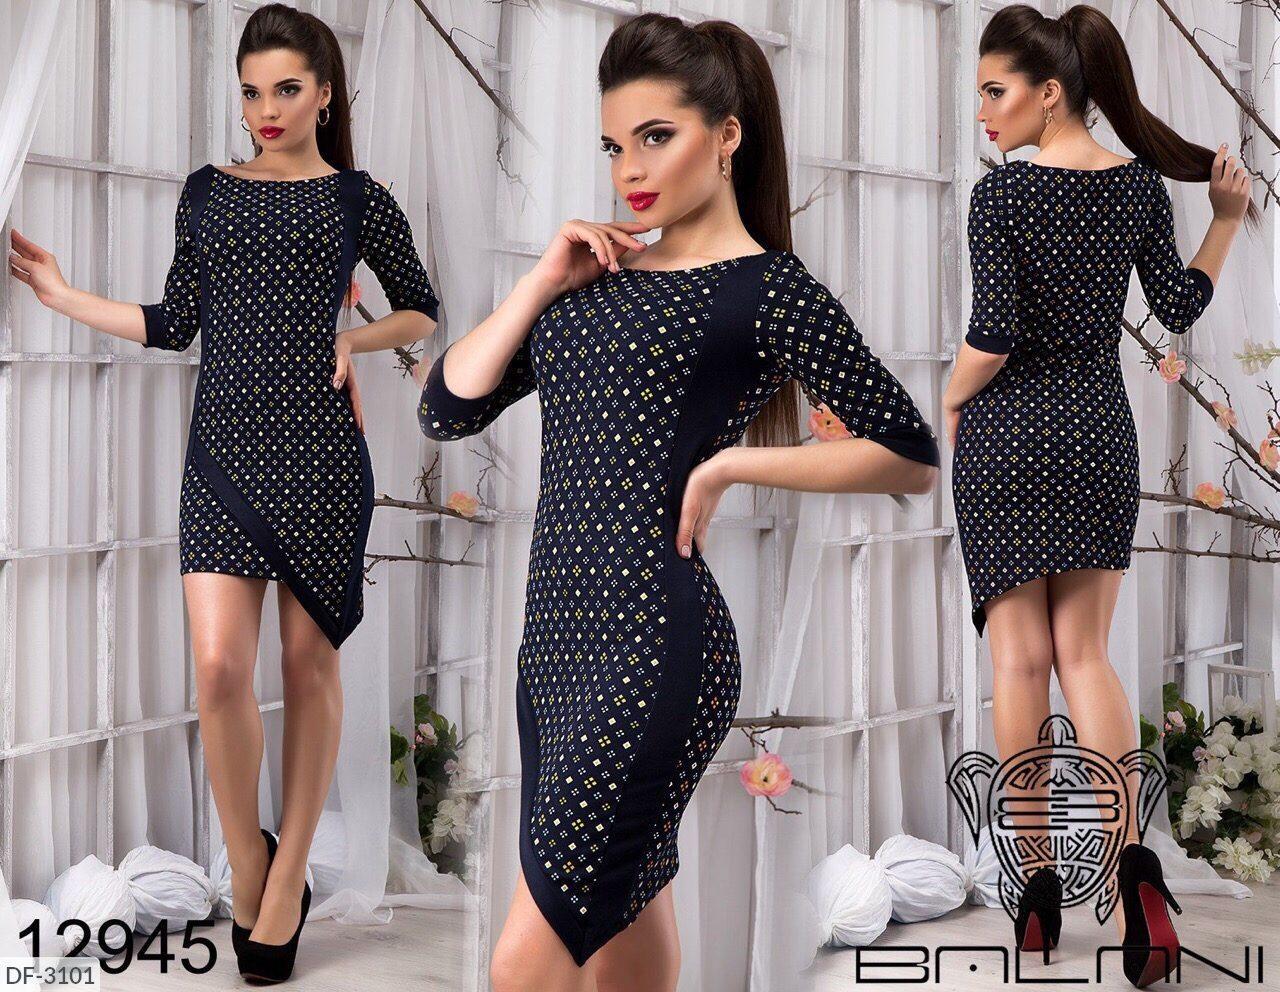 Женское стильное платье ассиметричное обтягивающее. Размер: S. Ткань: Французкий трикотаж + креп дайвинг.